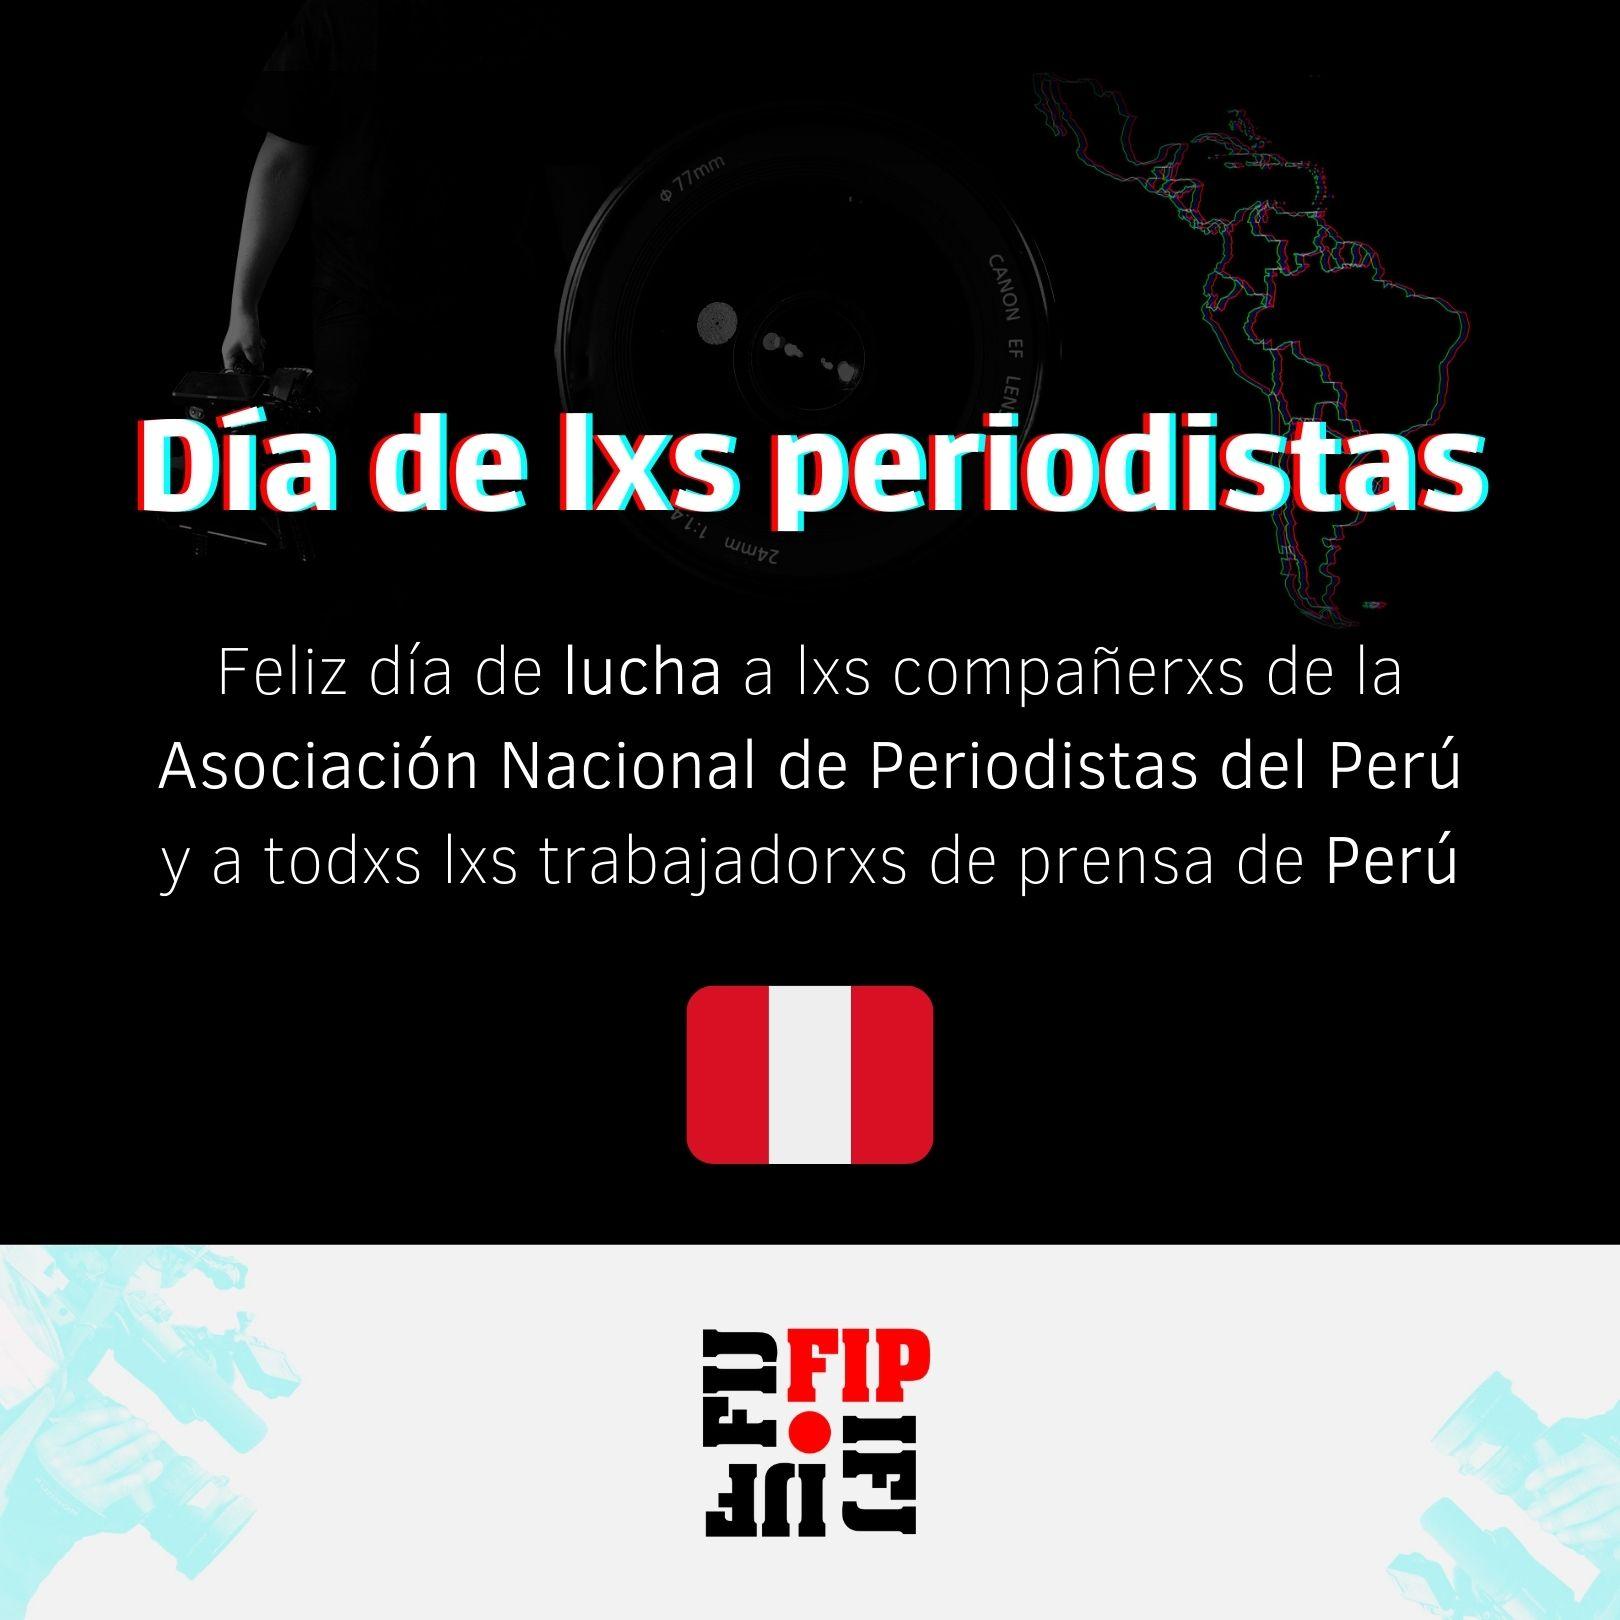 Perú: Día de lxs periodistas